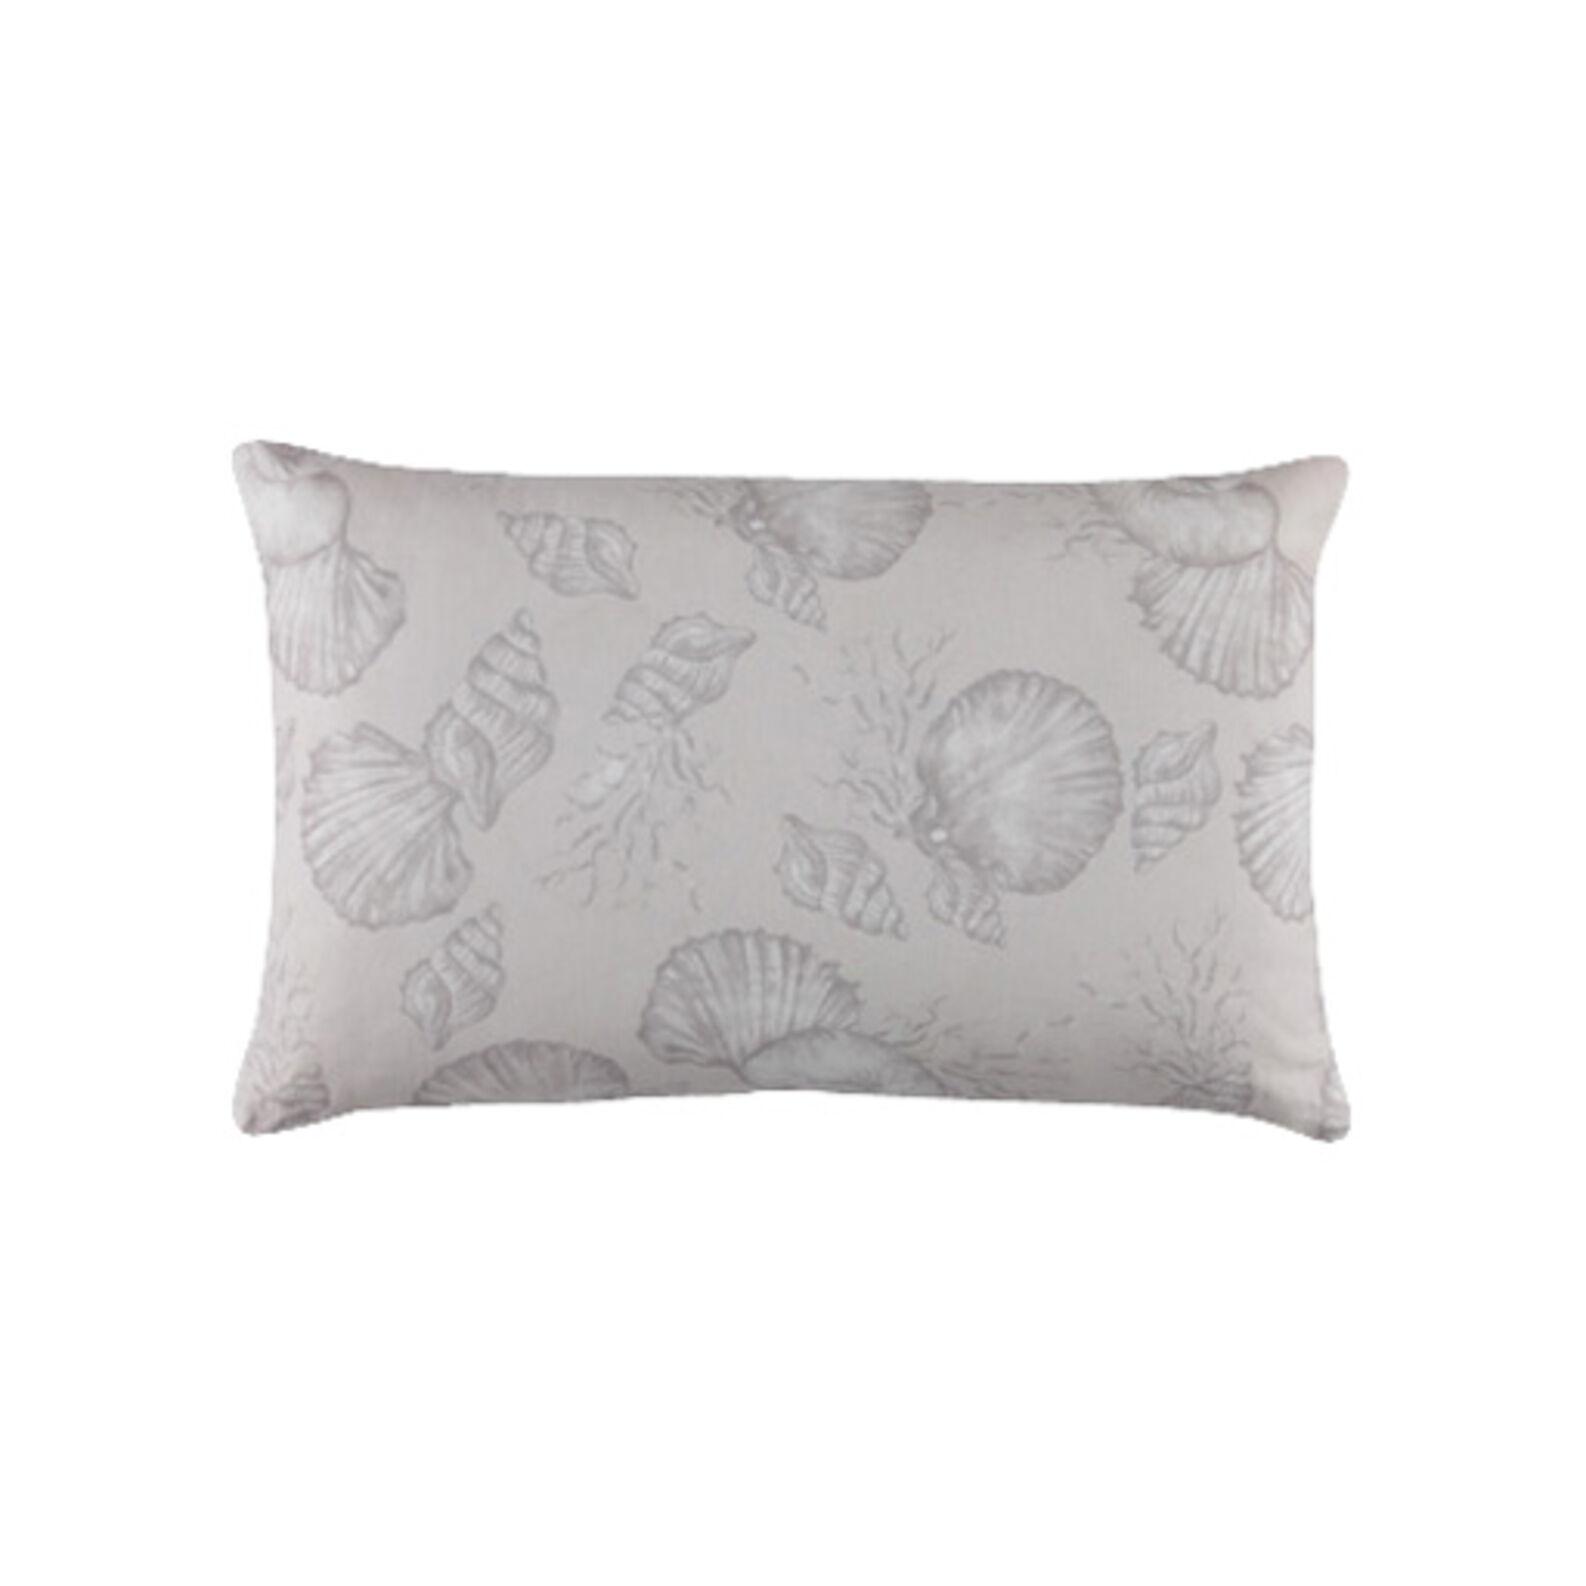 Cuscino puro cotone stampa conchiglie